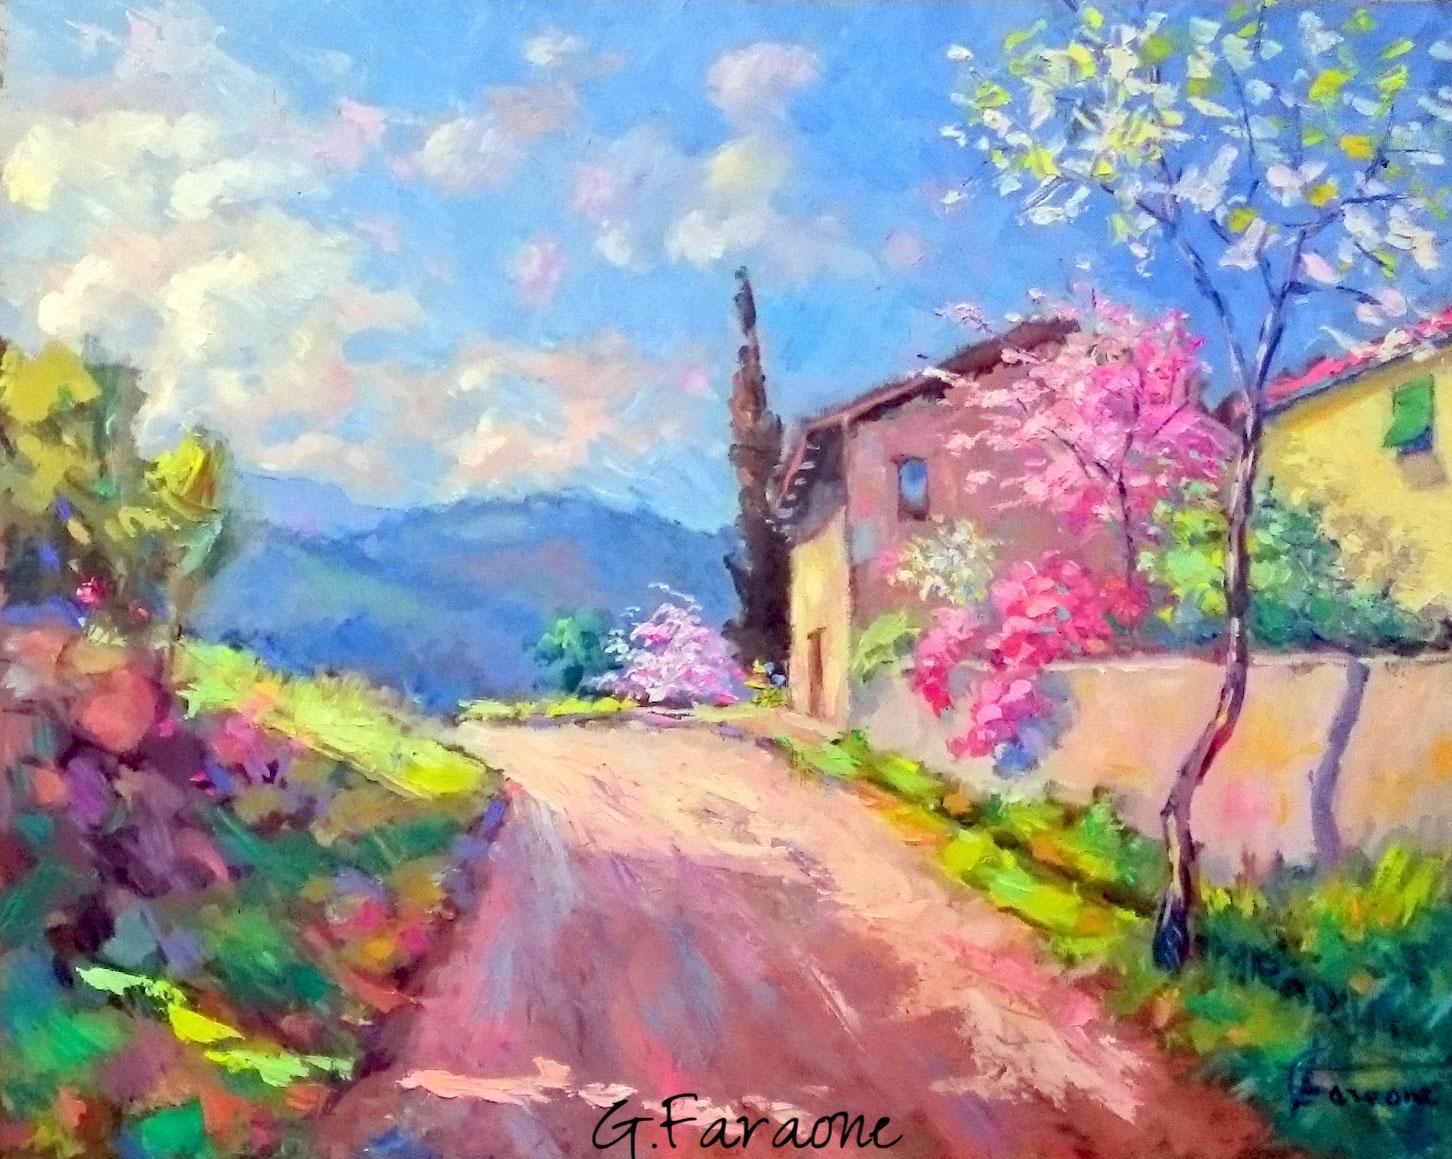 Paesaggi dipinti - Giuseppe Faraone